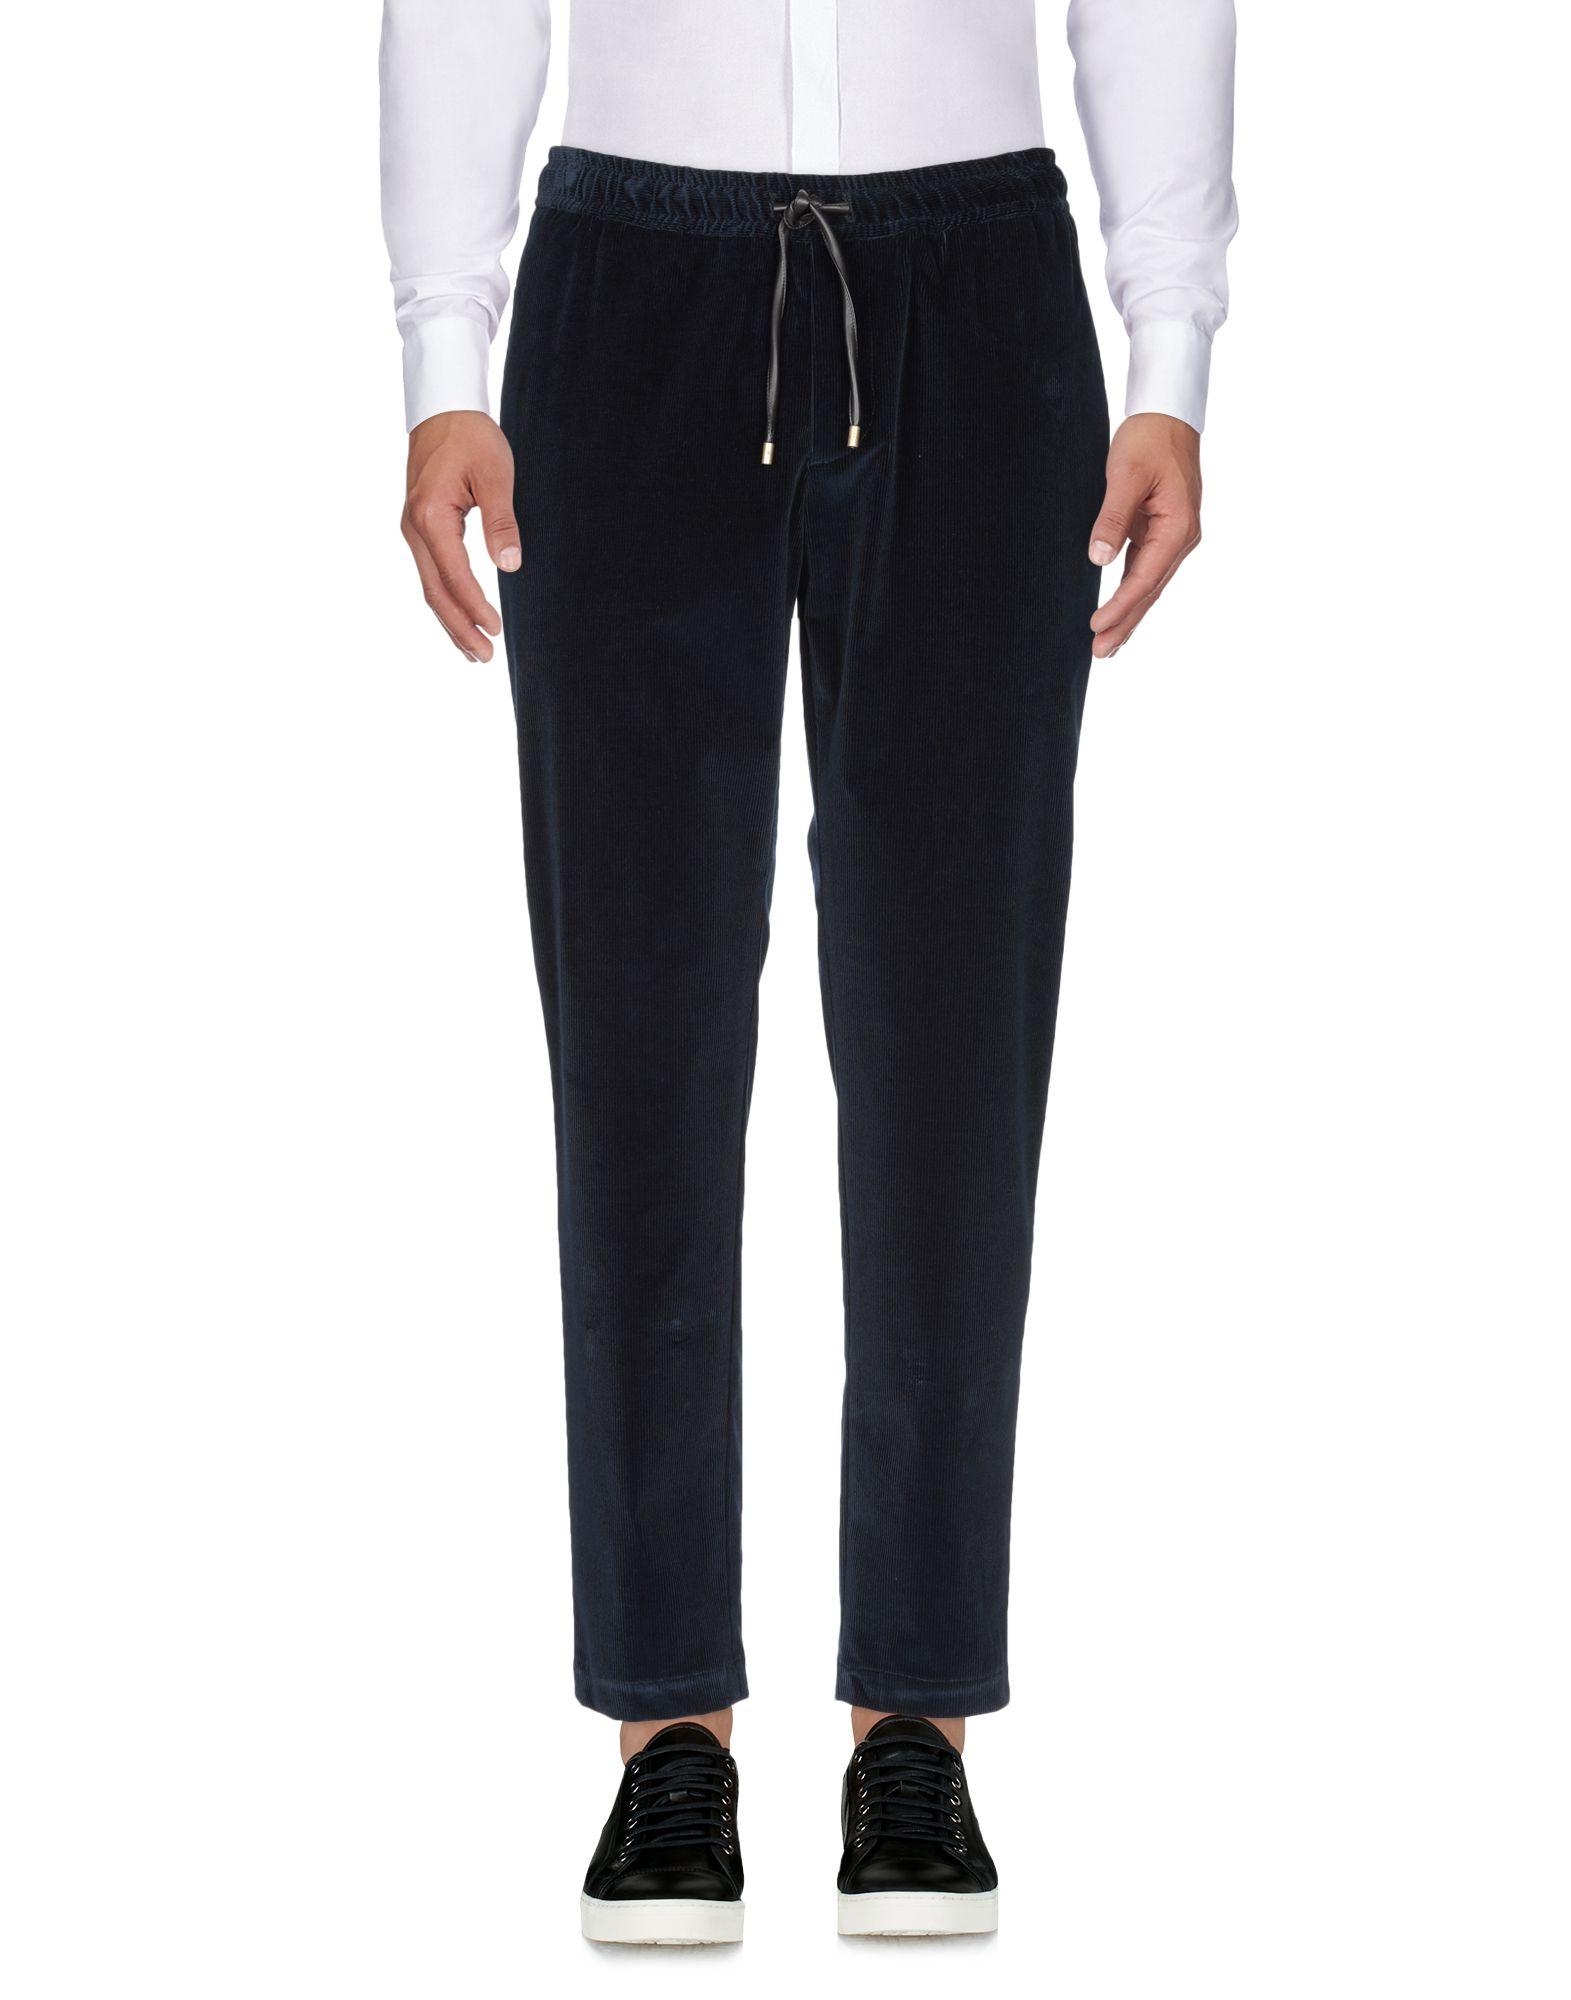 BERNARDO GIUSTI Casual Pants in Dark Blue